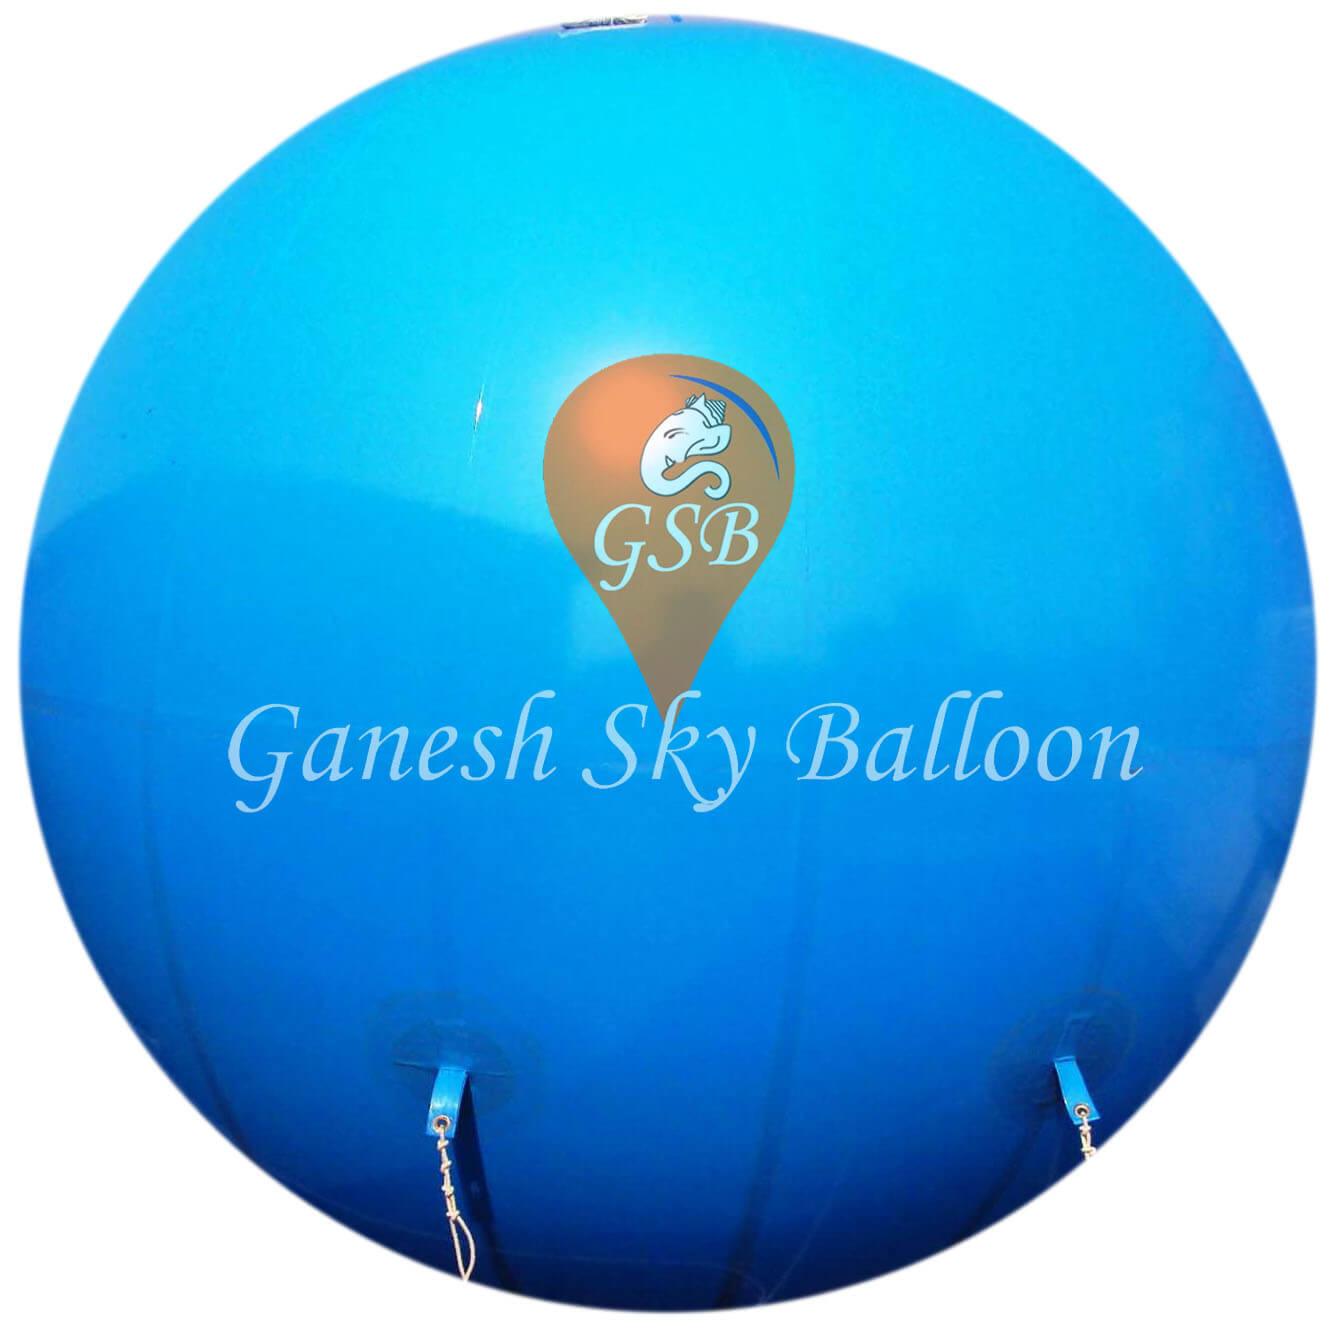 Signature Advertising Sky Balloon